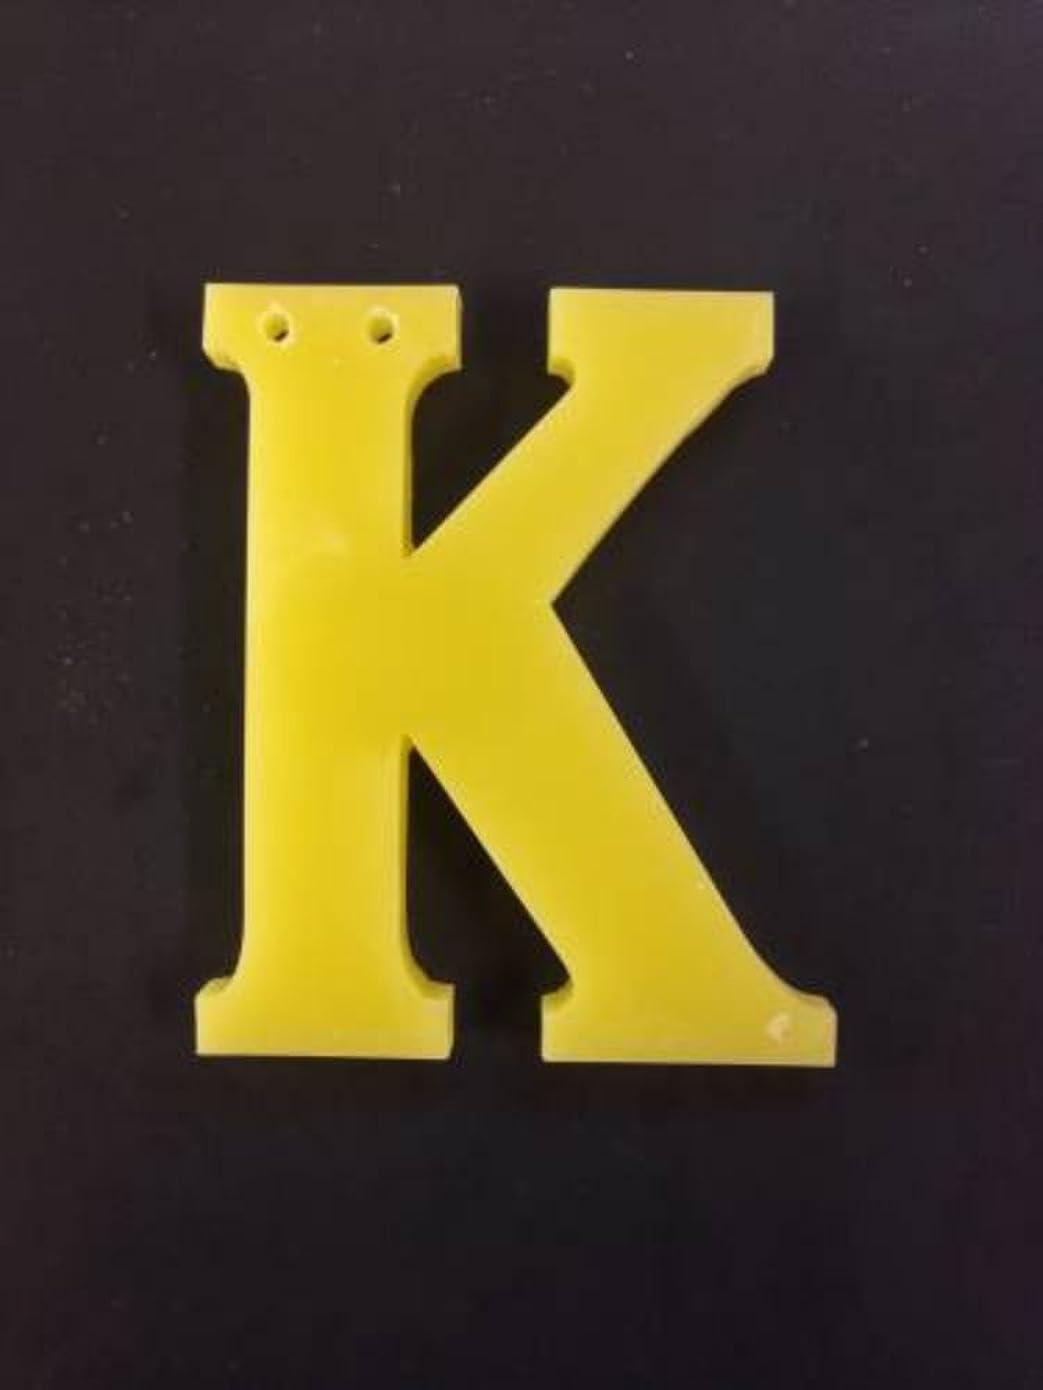 笑いエンターテインメントまどろみのあるGRASSE TOKYO AROMATICWAXチャーム「K」(YE) ベルガモット アロマティックワックス グラーストウキョウ